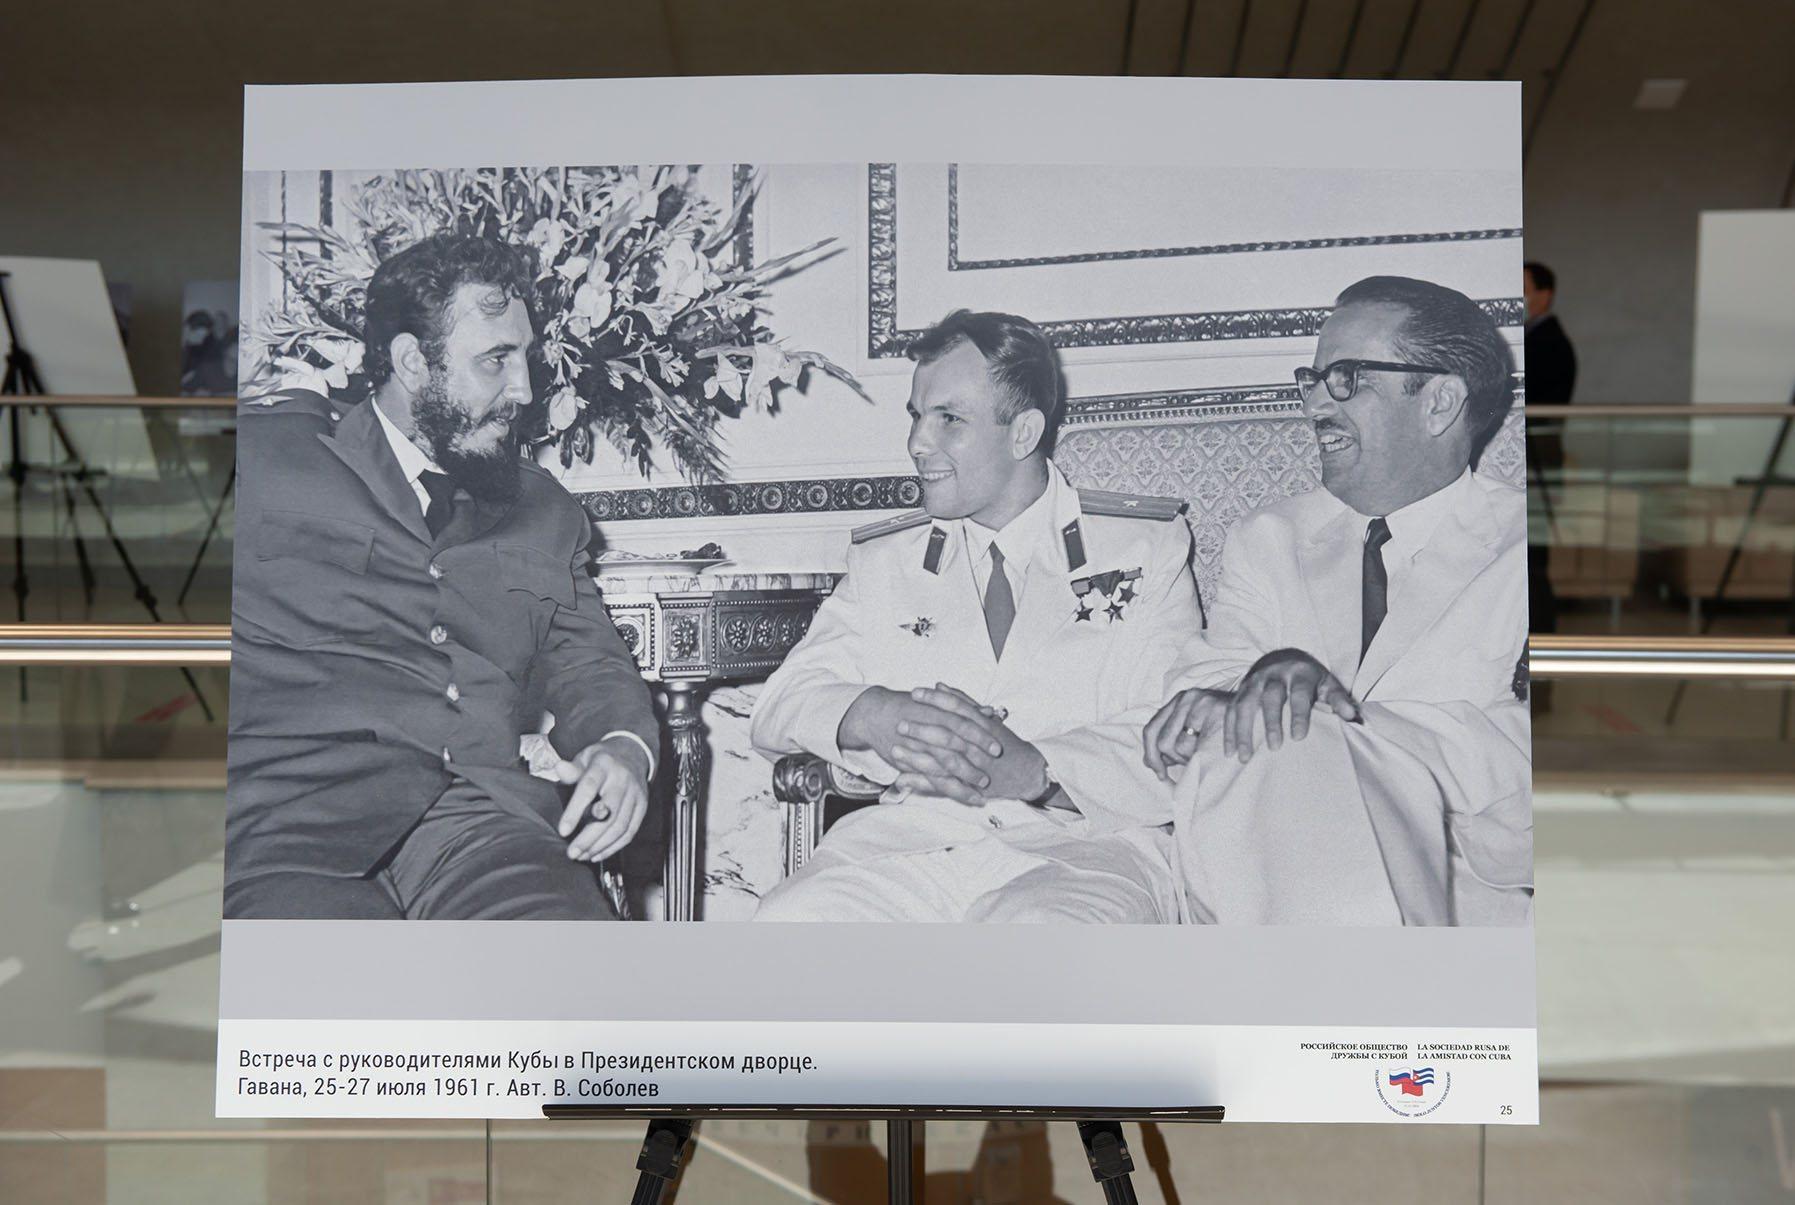 фото Фотовыставка «Первый: Гагарин и Куба» собрала свидетельства советско-кубинской дружбы в Новосибирске 4